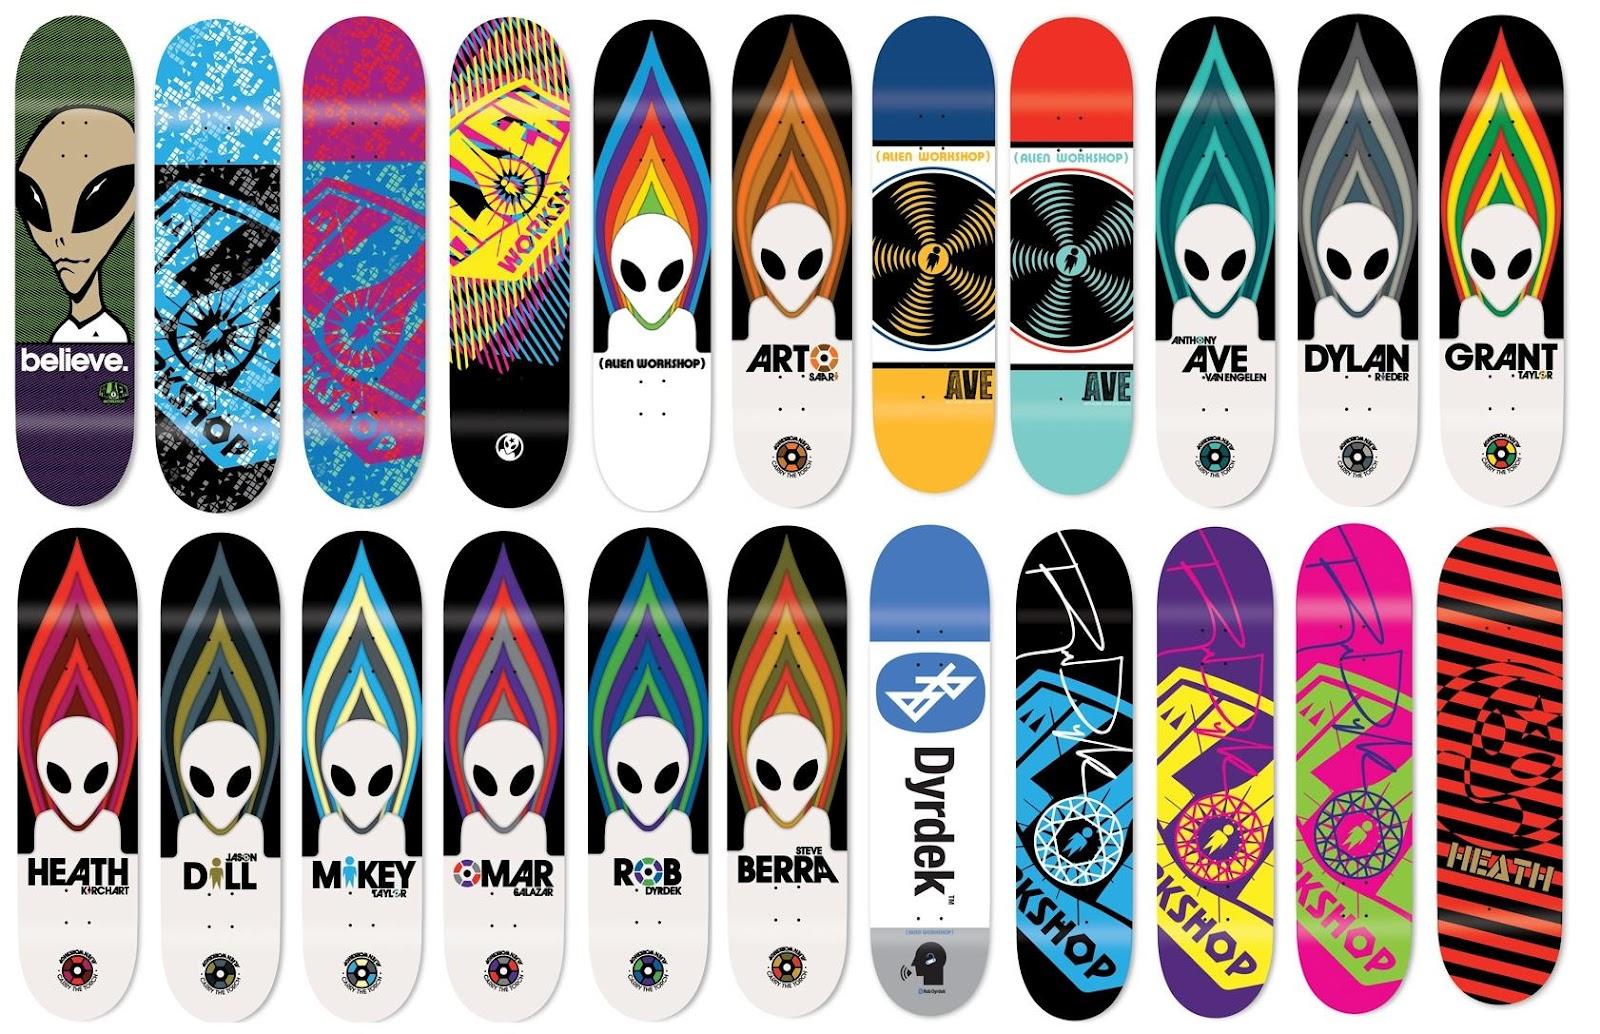 Girl Skateboards Wallpaper Skate Ware 4 20 Alien Workshop